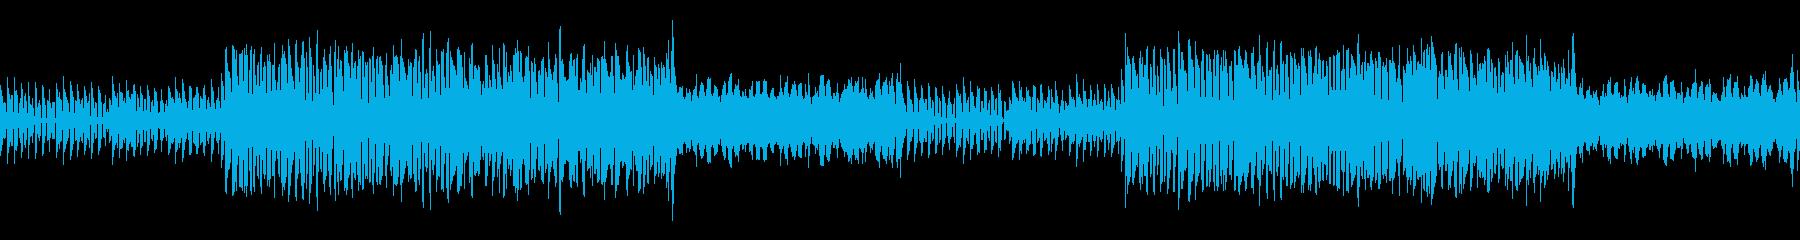 【ループ可】トランスBGMの再生済みの波形